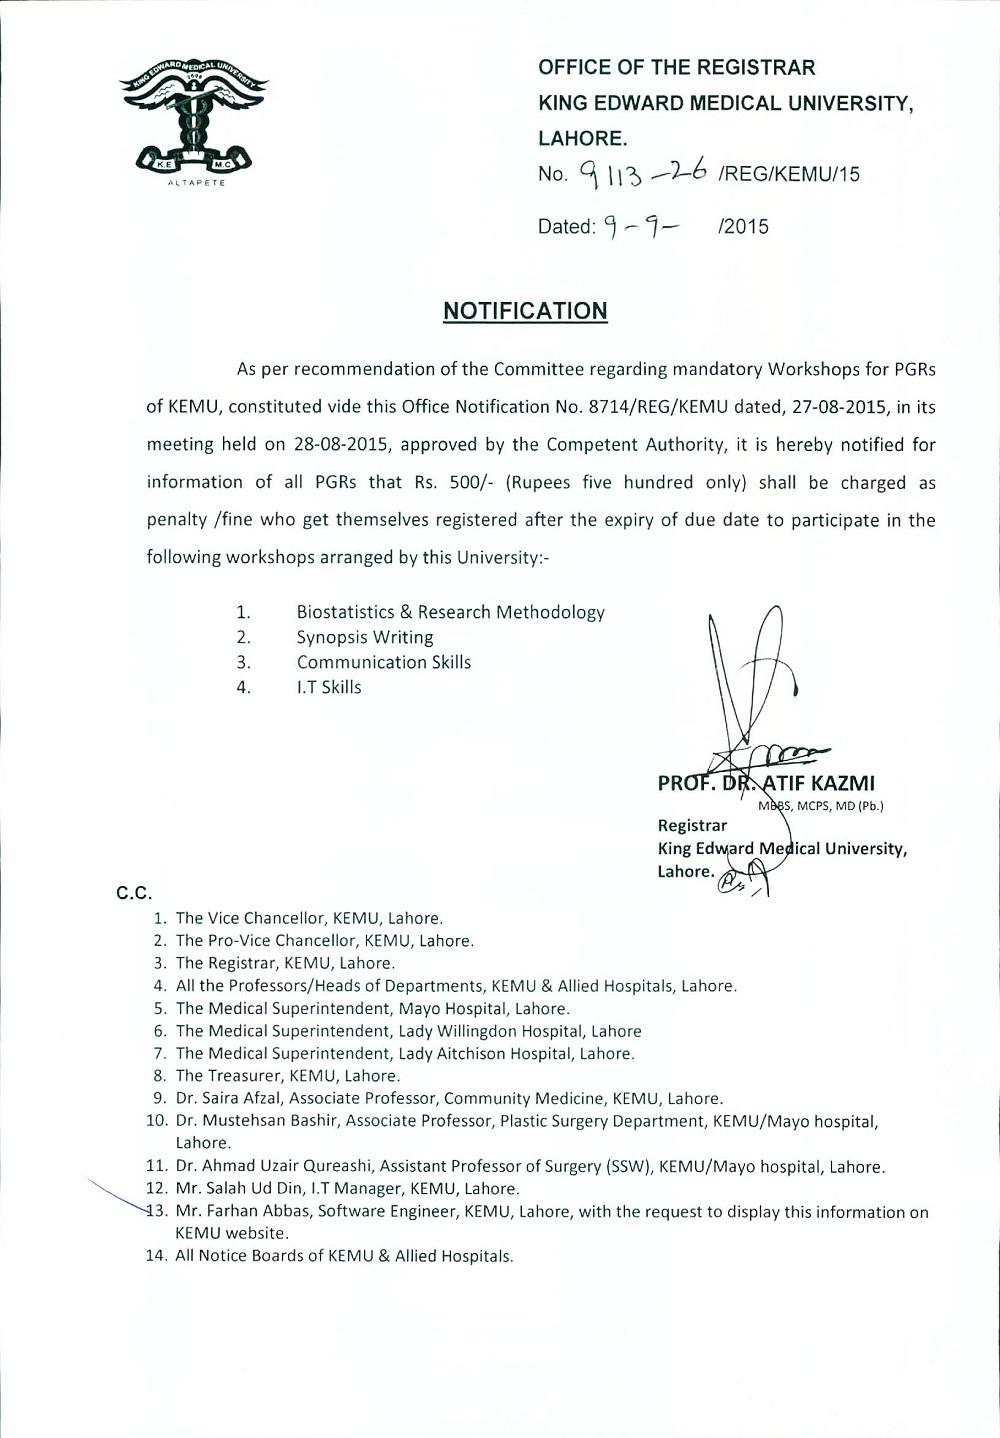 Notification-I for PGRs regarding Workshops